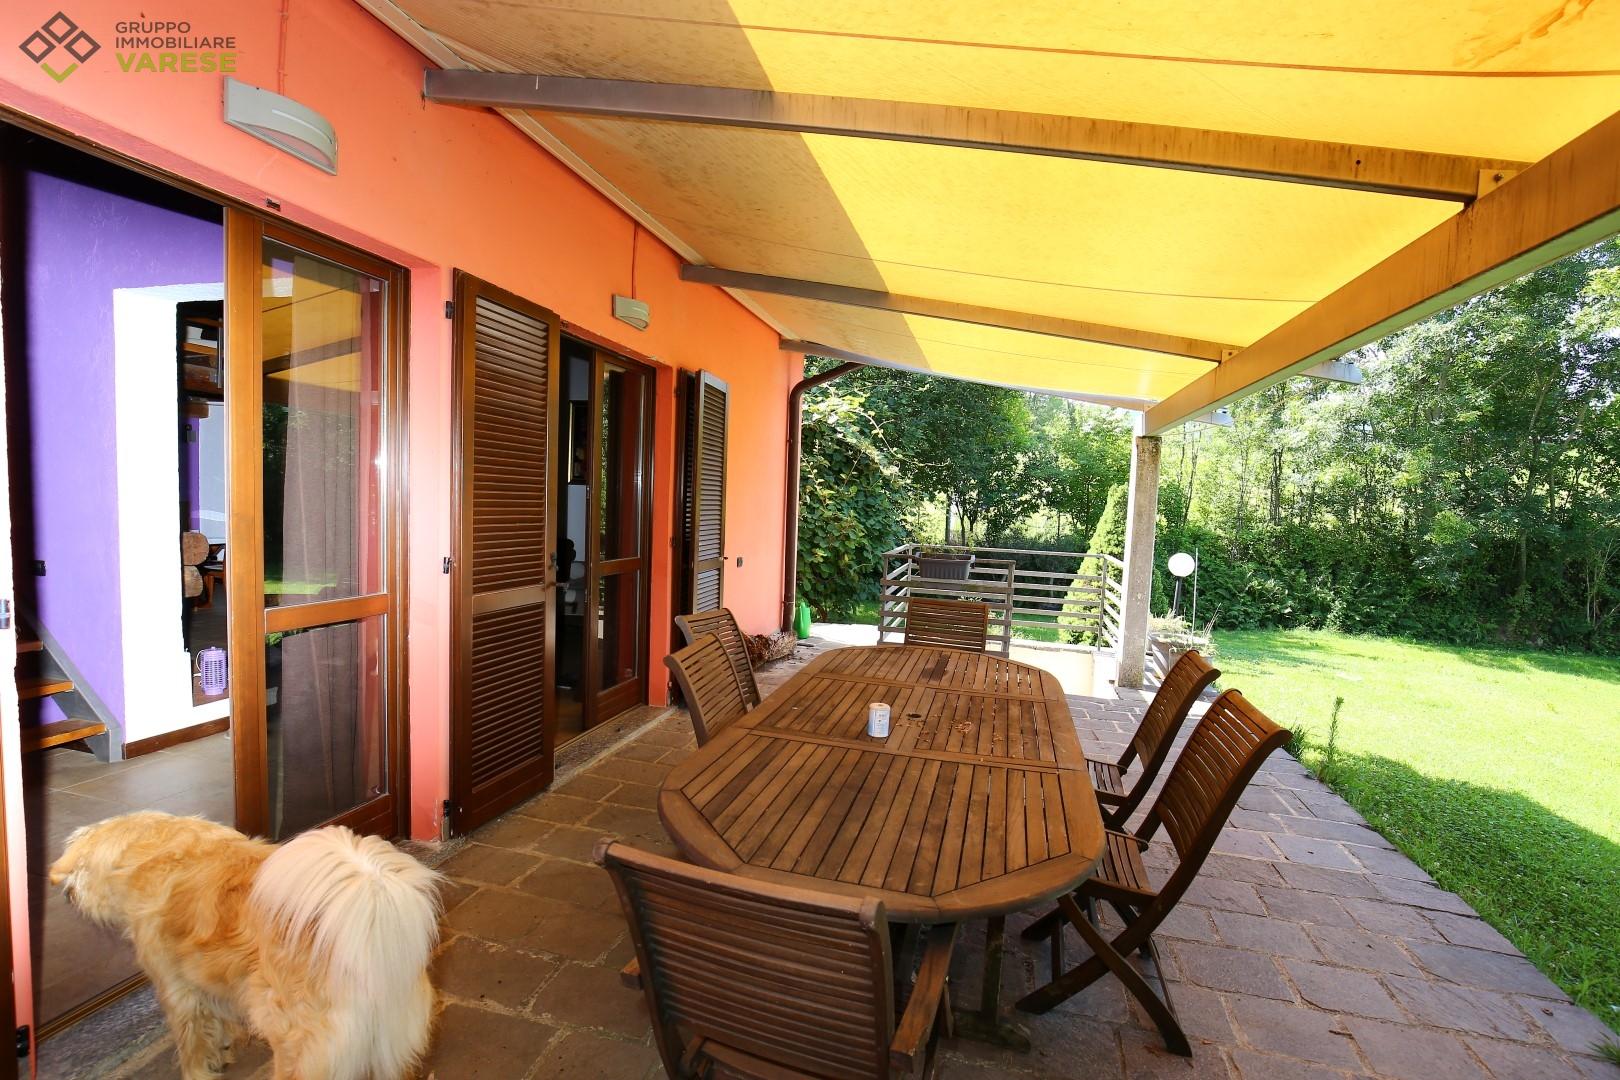 Villa in vendita a Bodio Lomnago, 9 locali, zona Zona: Bodio, prezzo € 660.000   CambioCasa.it